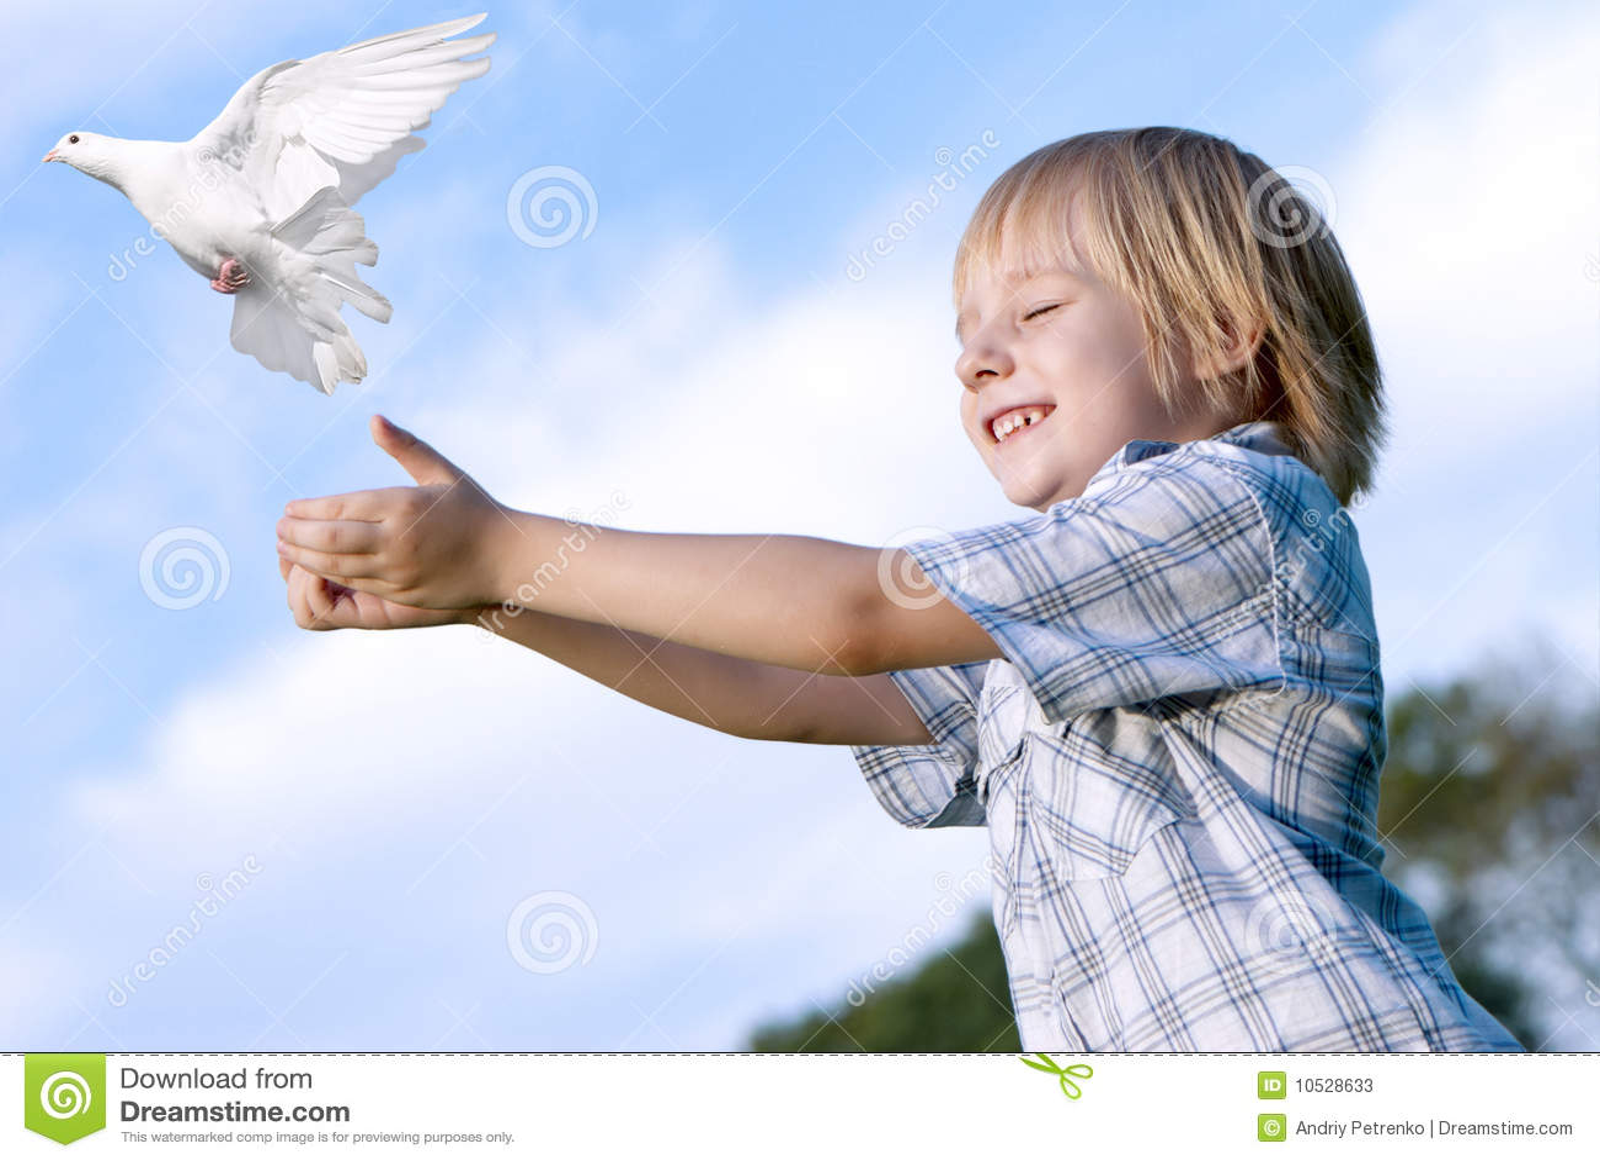 孩子鸽子白色